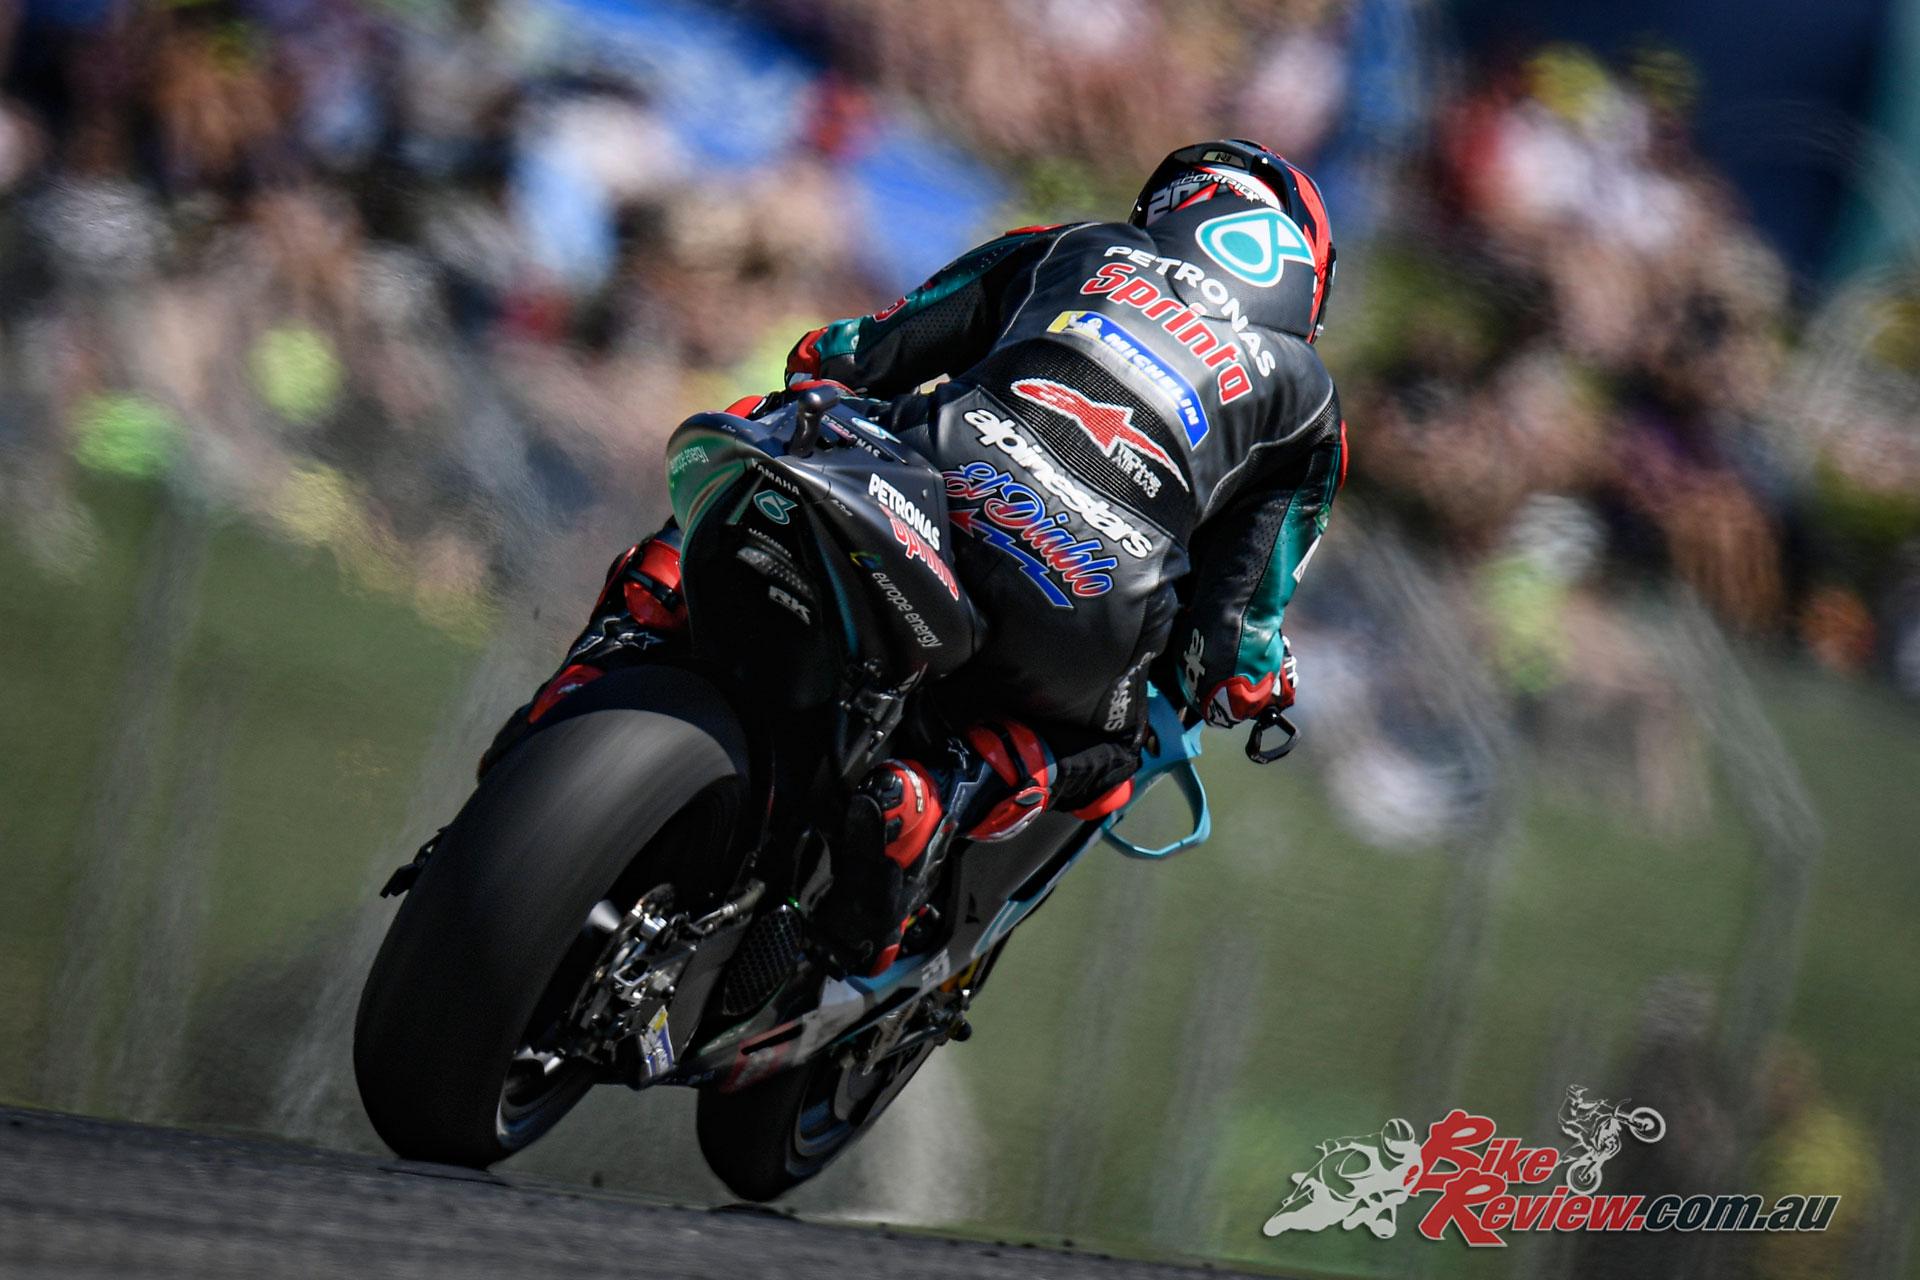 Fabio Quartararo - Mugello MotoGP 2019